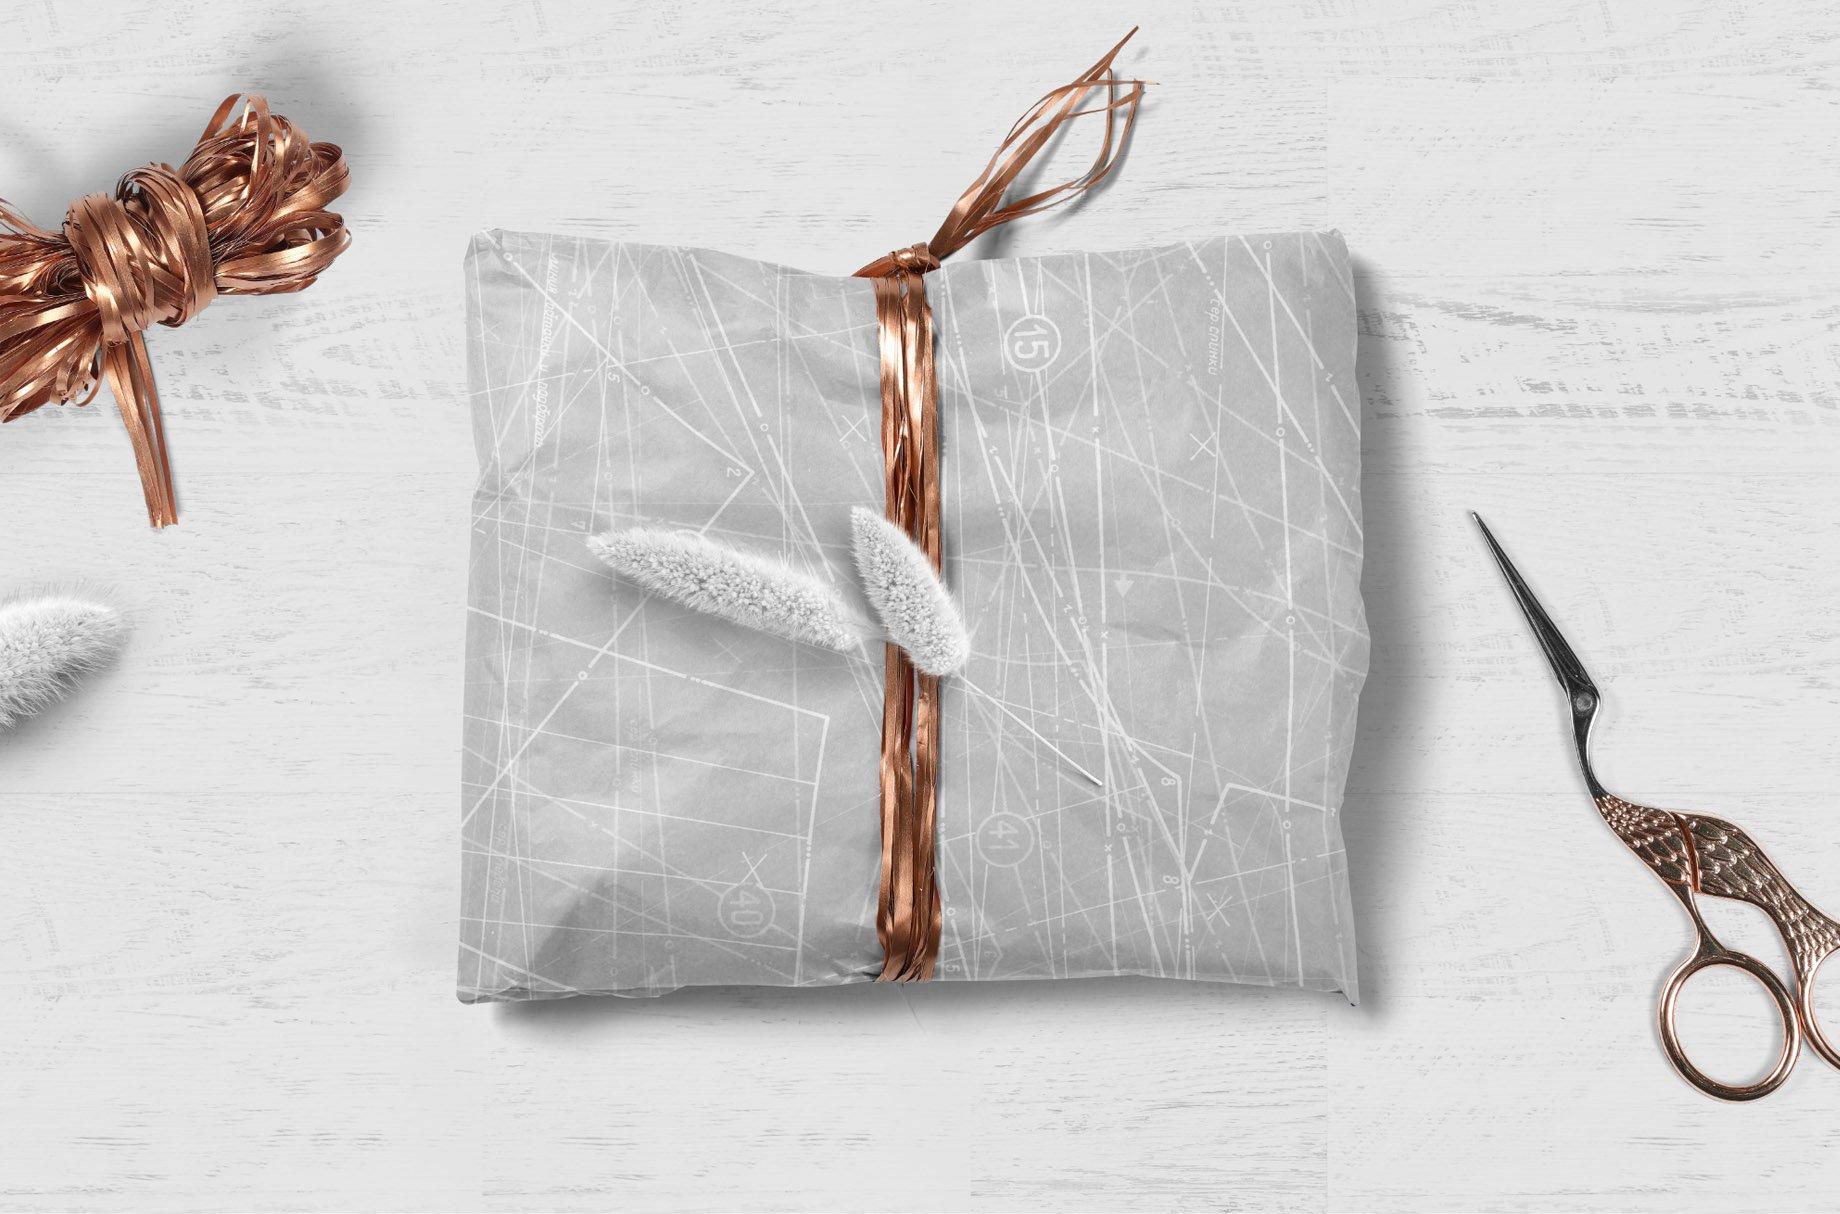 [单独购买] 60款潮流做旧粗糙图纸纹理海报设计背景底纹图片素材 Fabric Blueprint Textures插图7